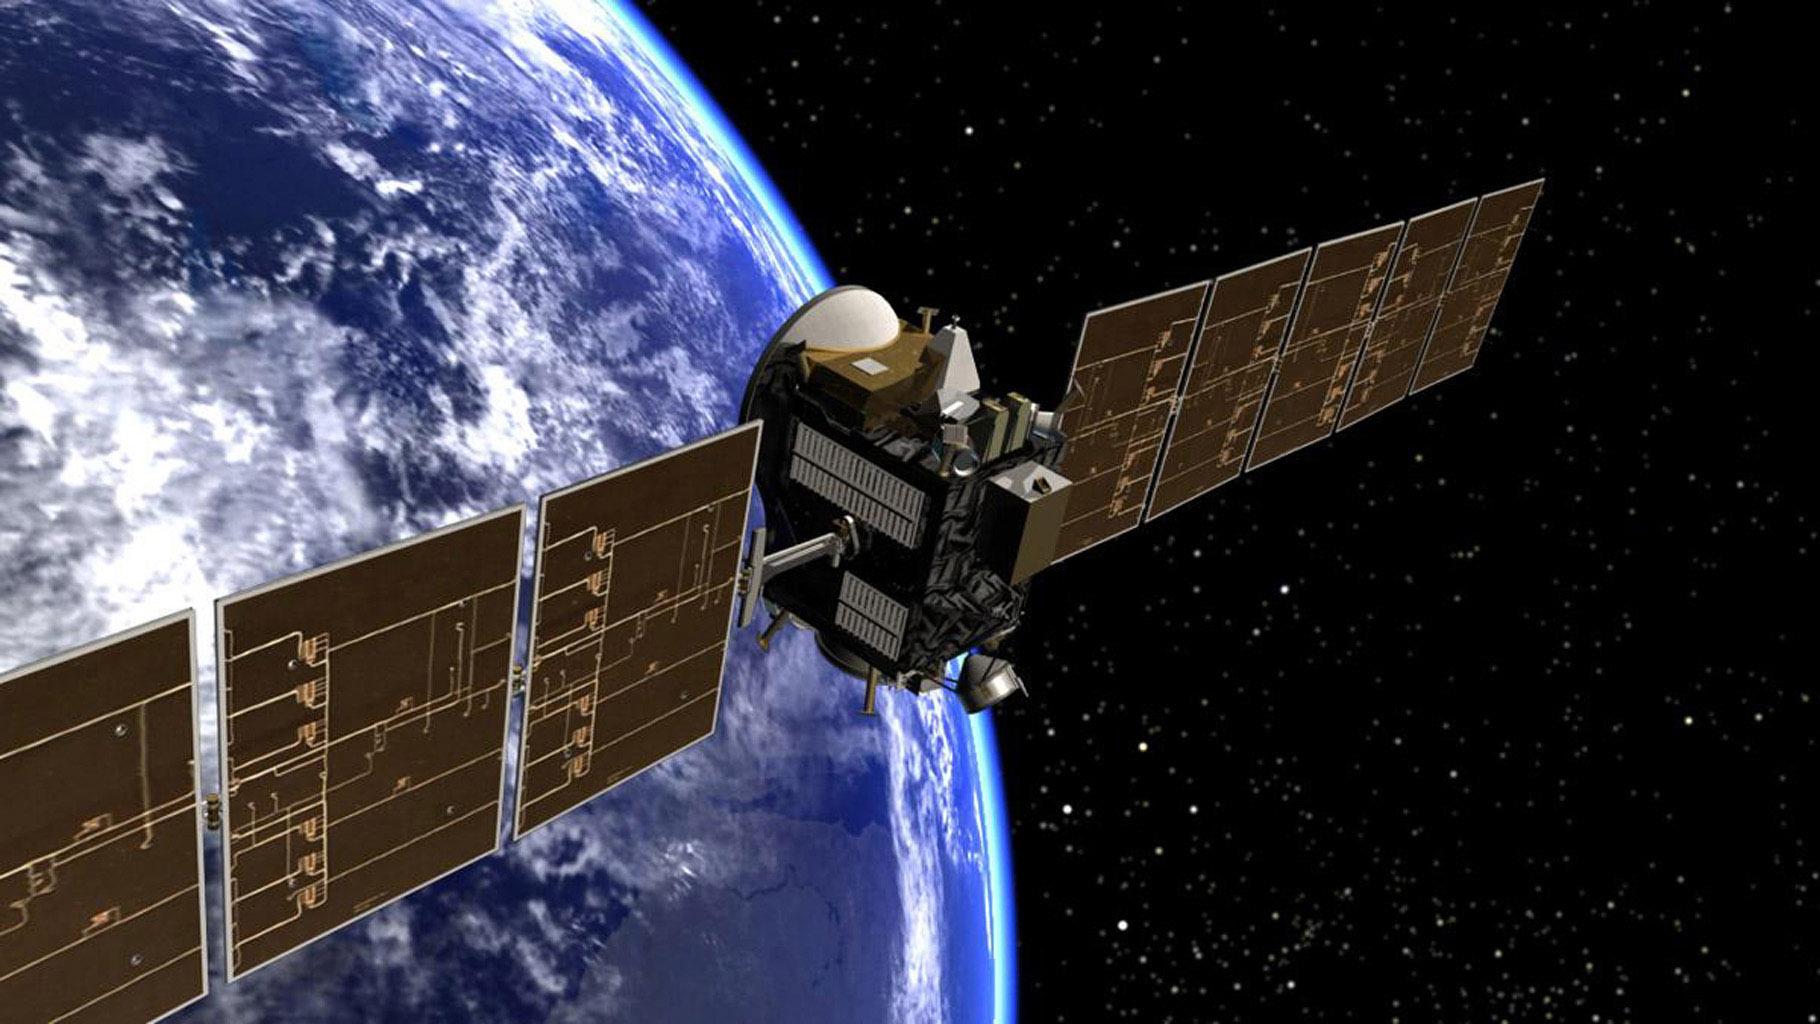 spacecraft or spacecrafts - photo #23